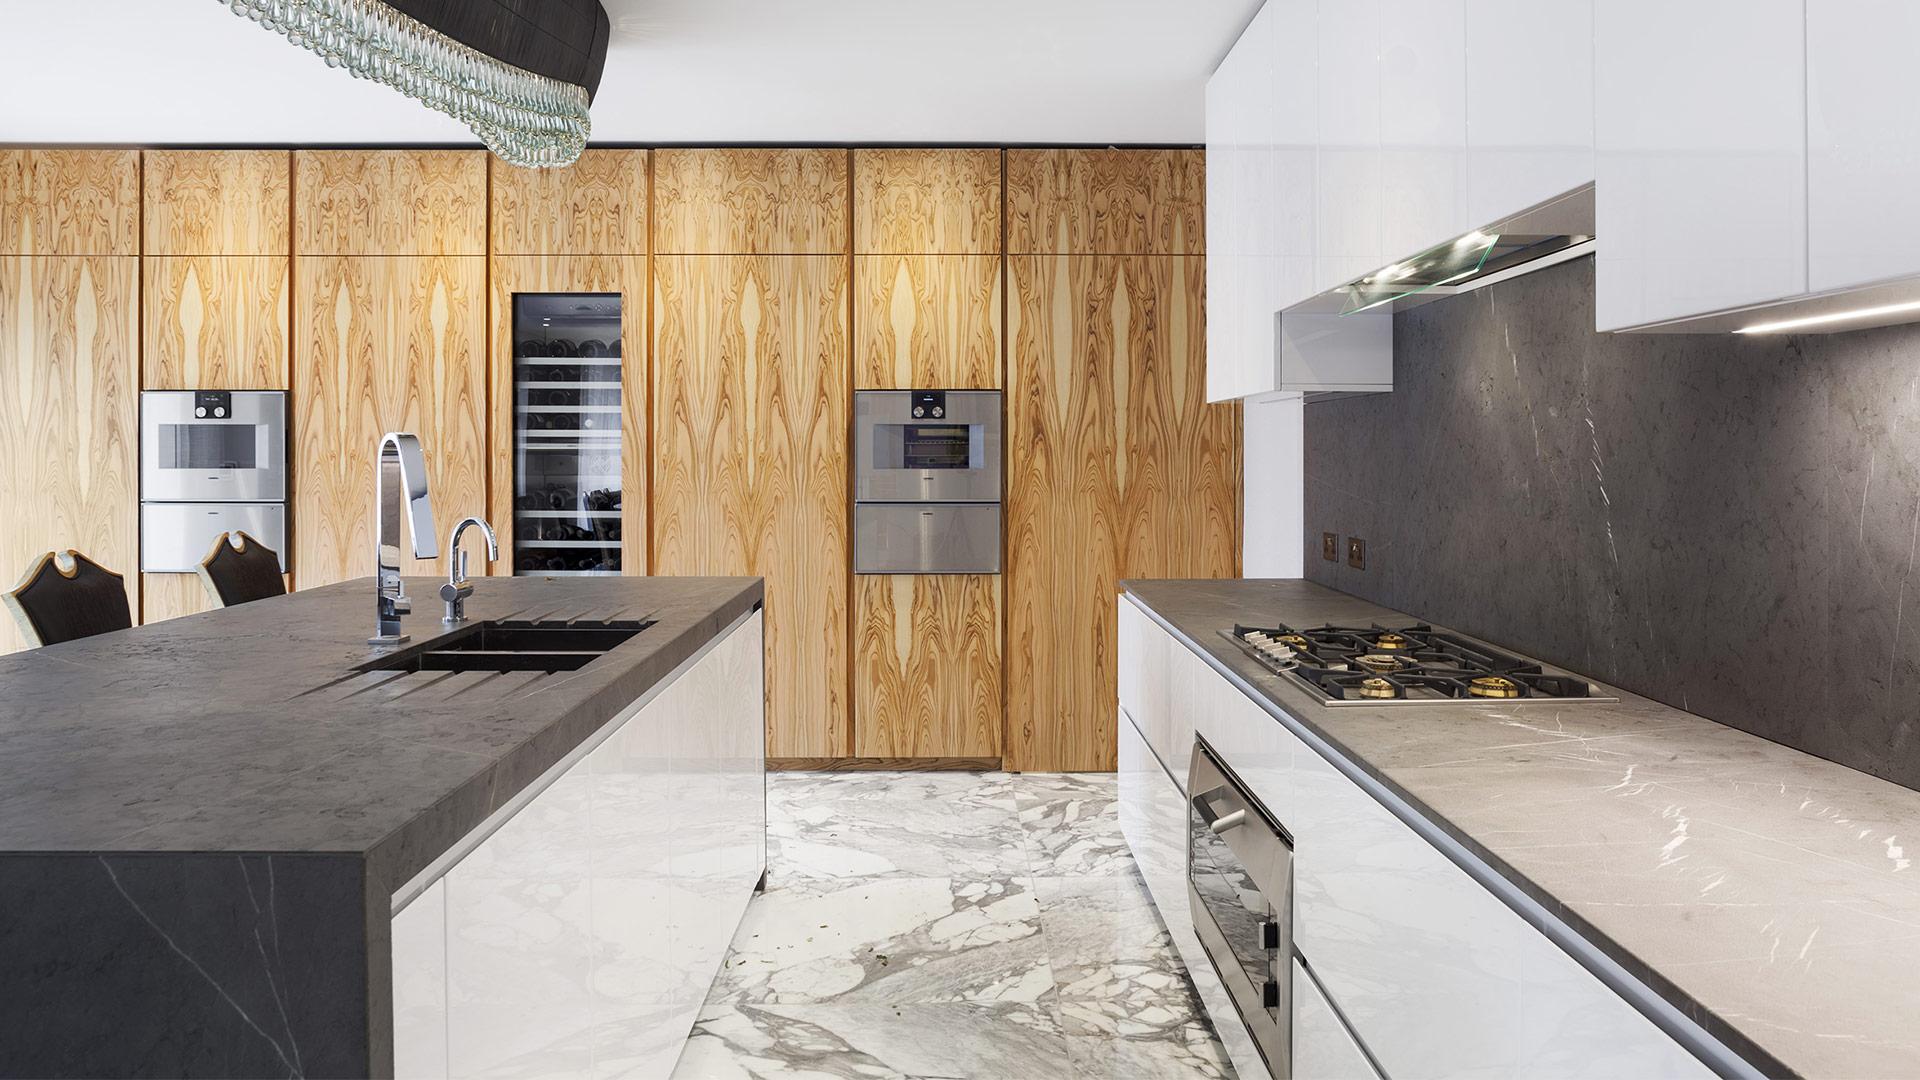 Cucina in legno di ulivo e pietra di Corinto progetto made-to-measure